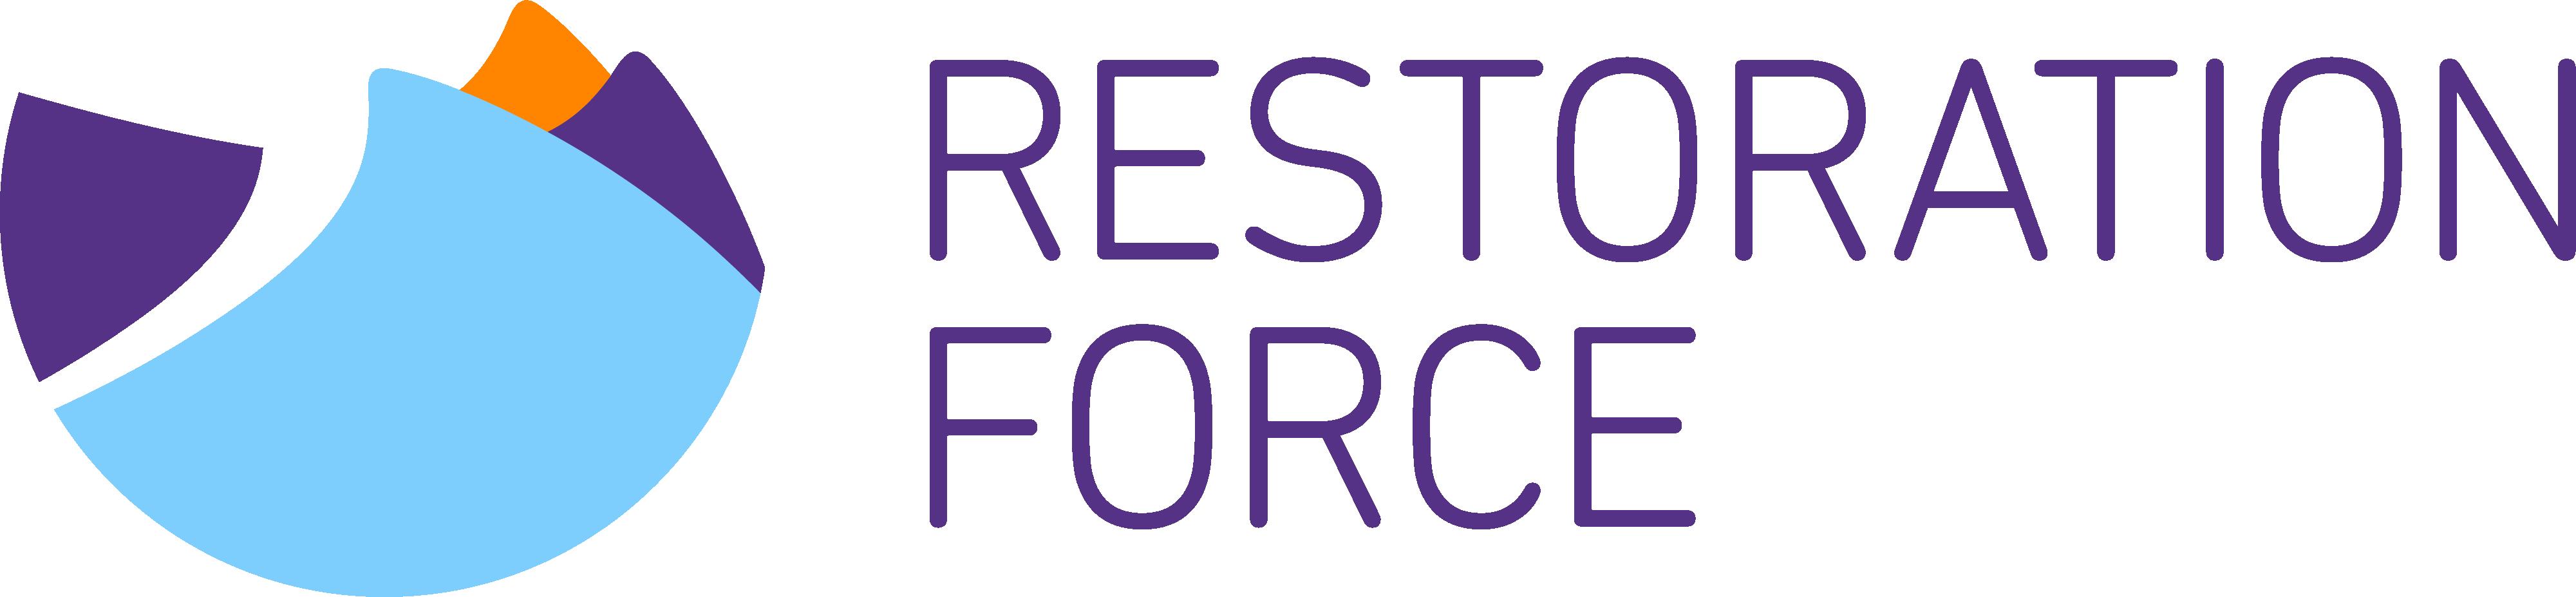 Restoration Force